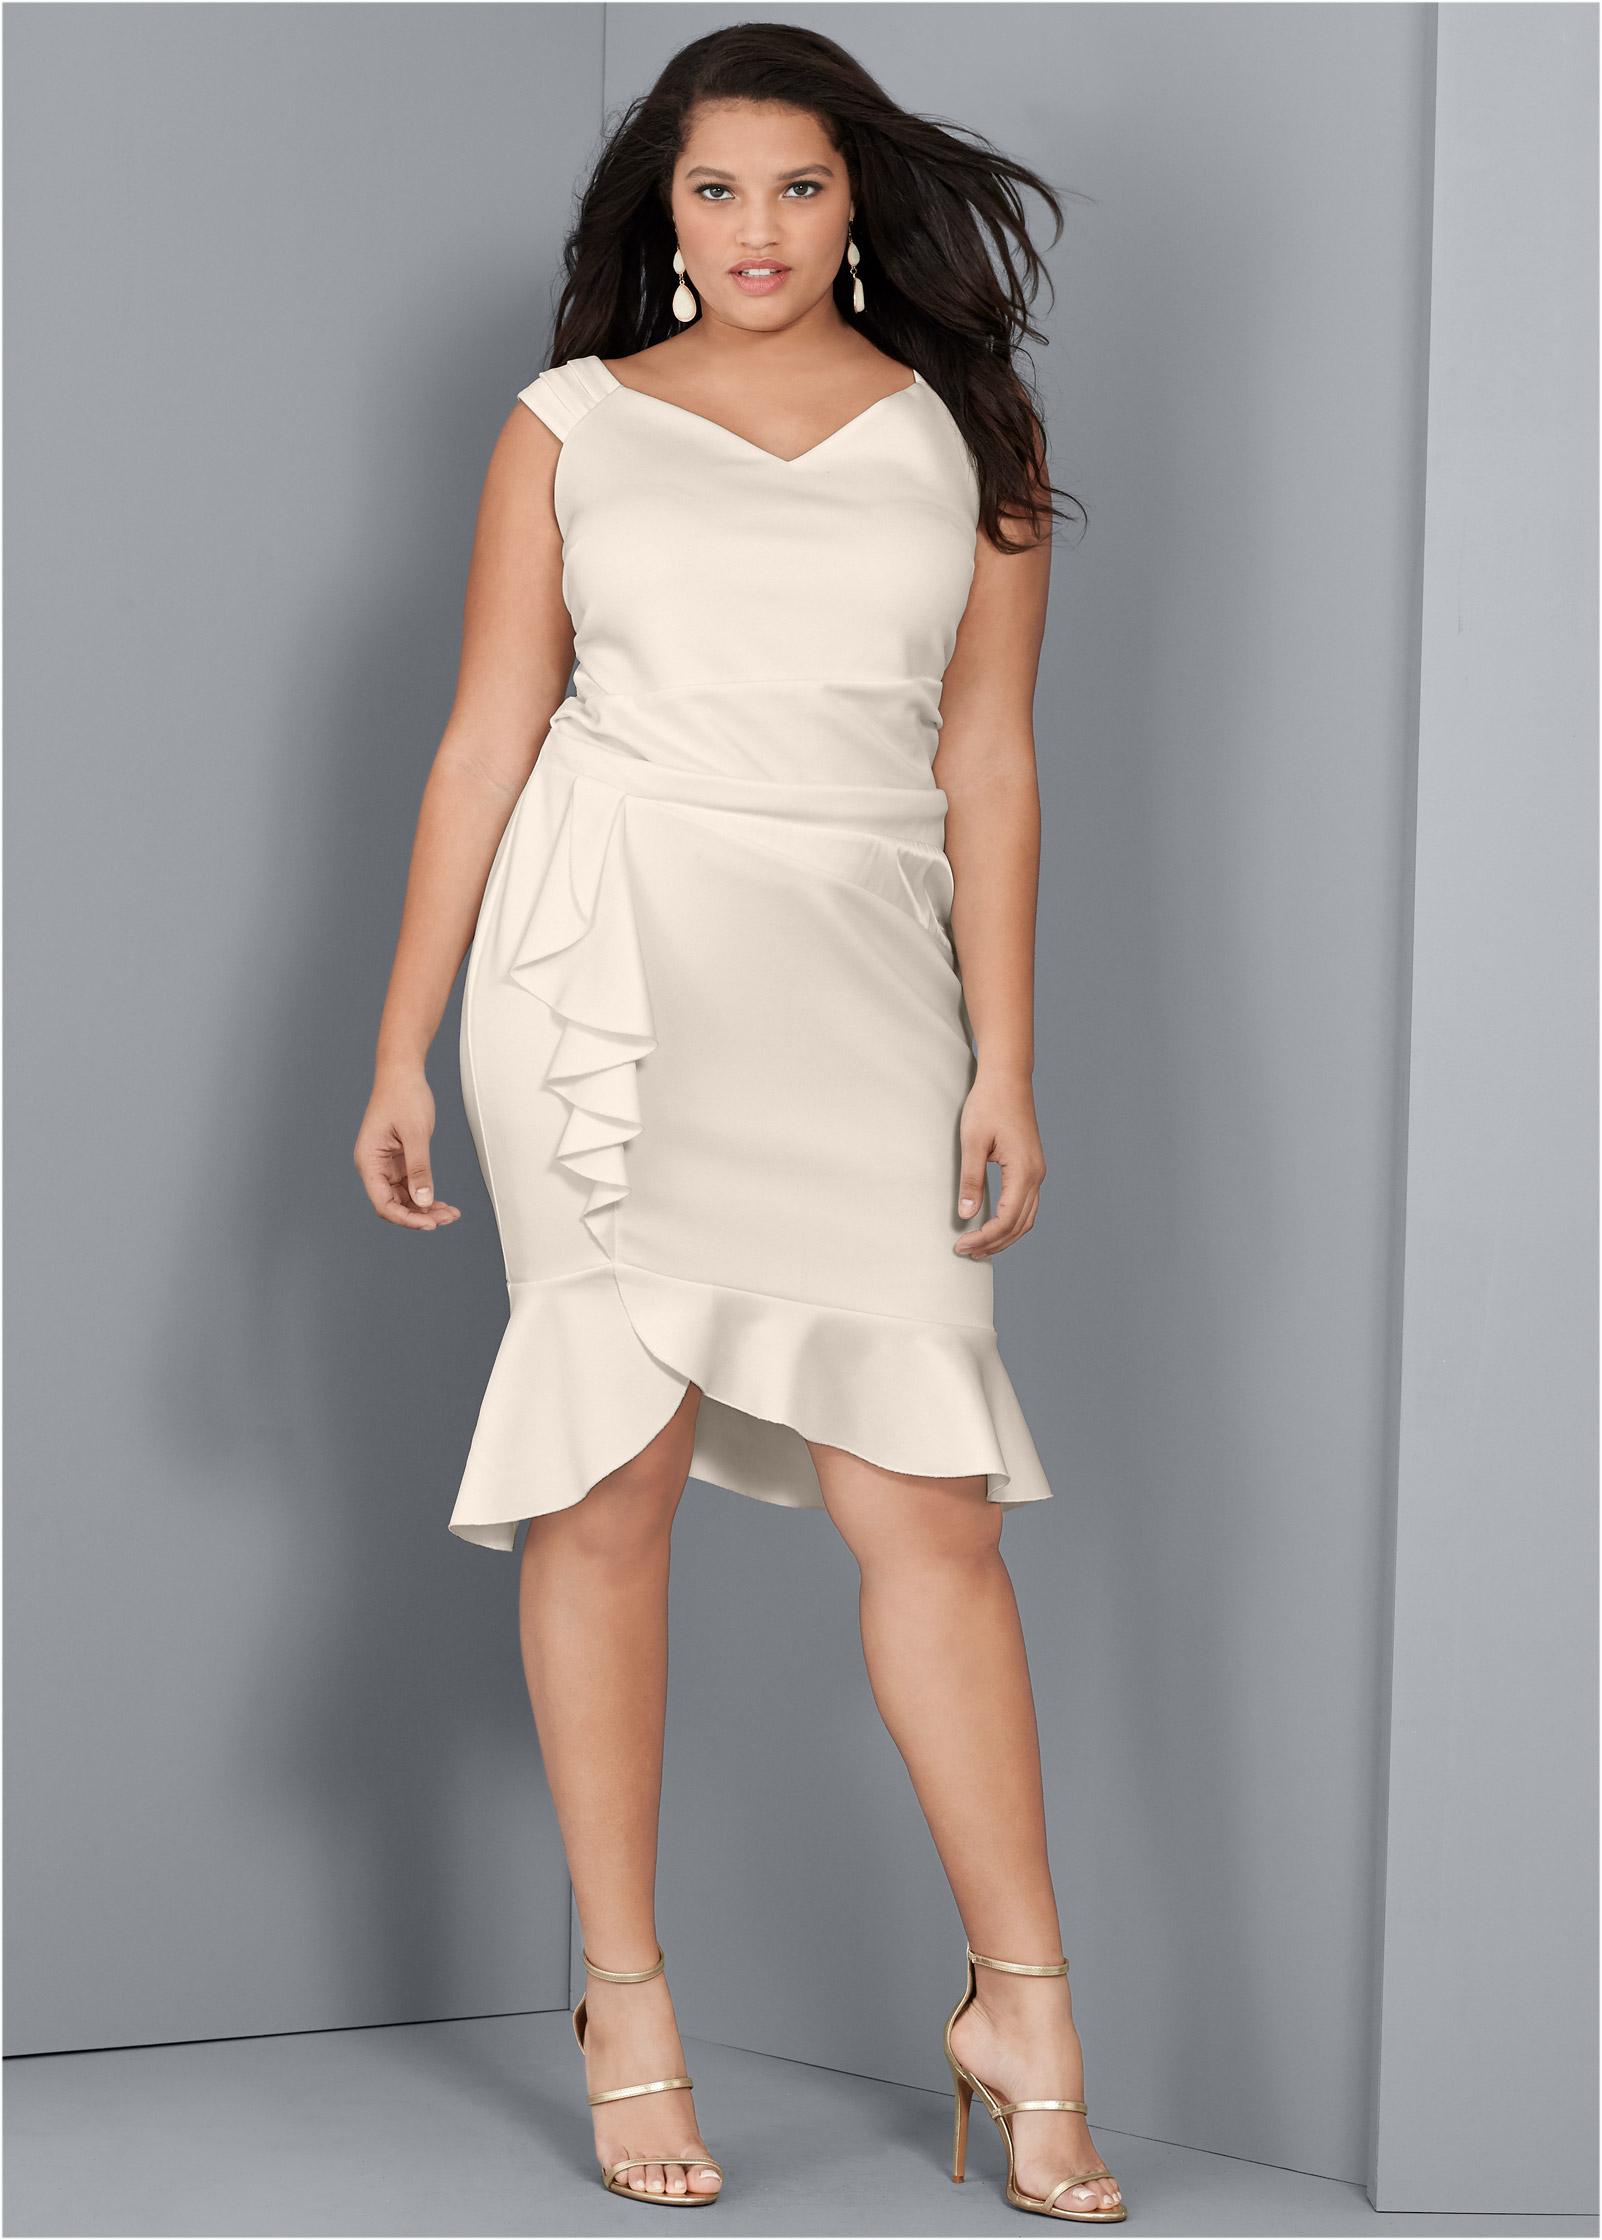 Plus Size Ladies Cocktail Dresses